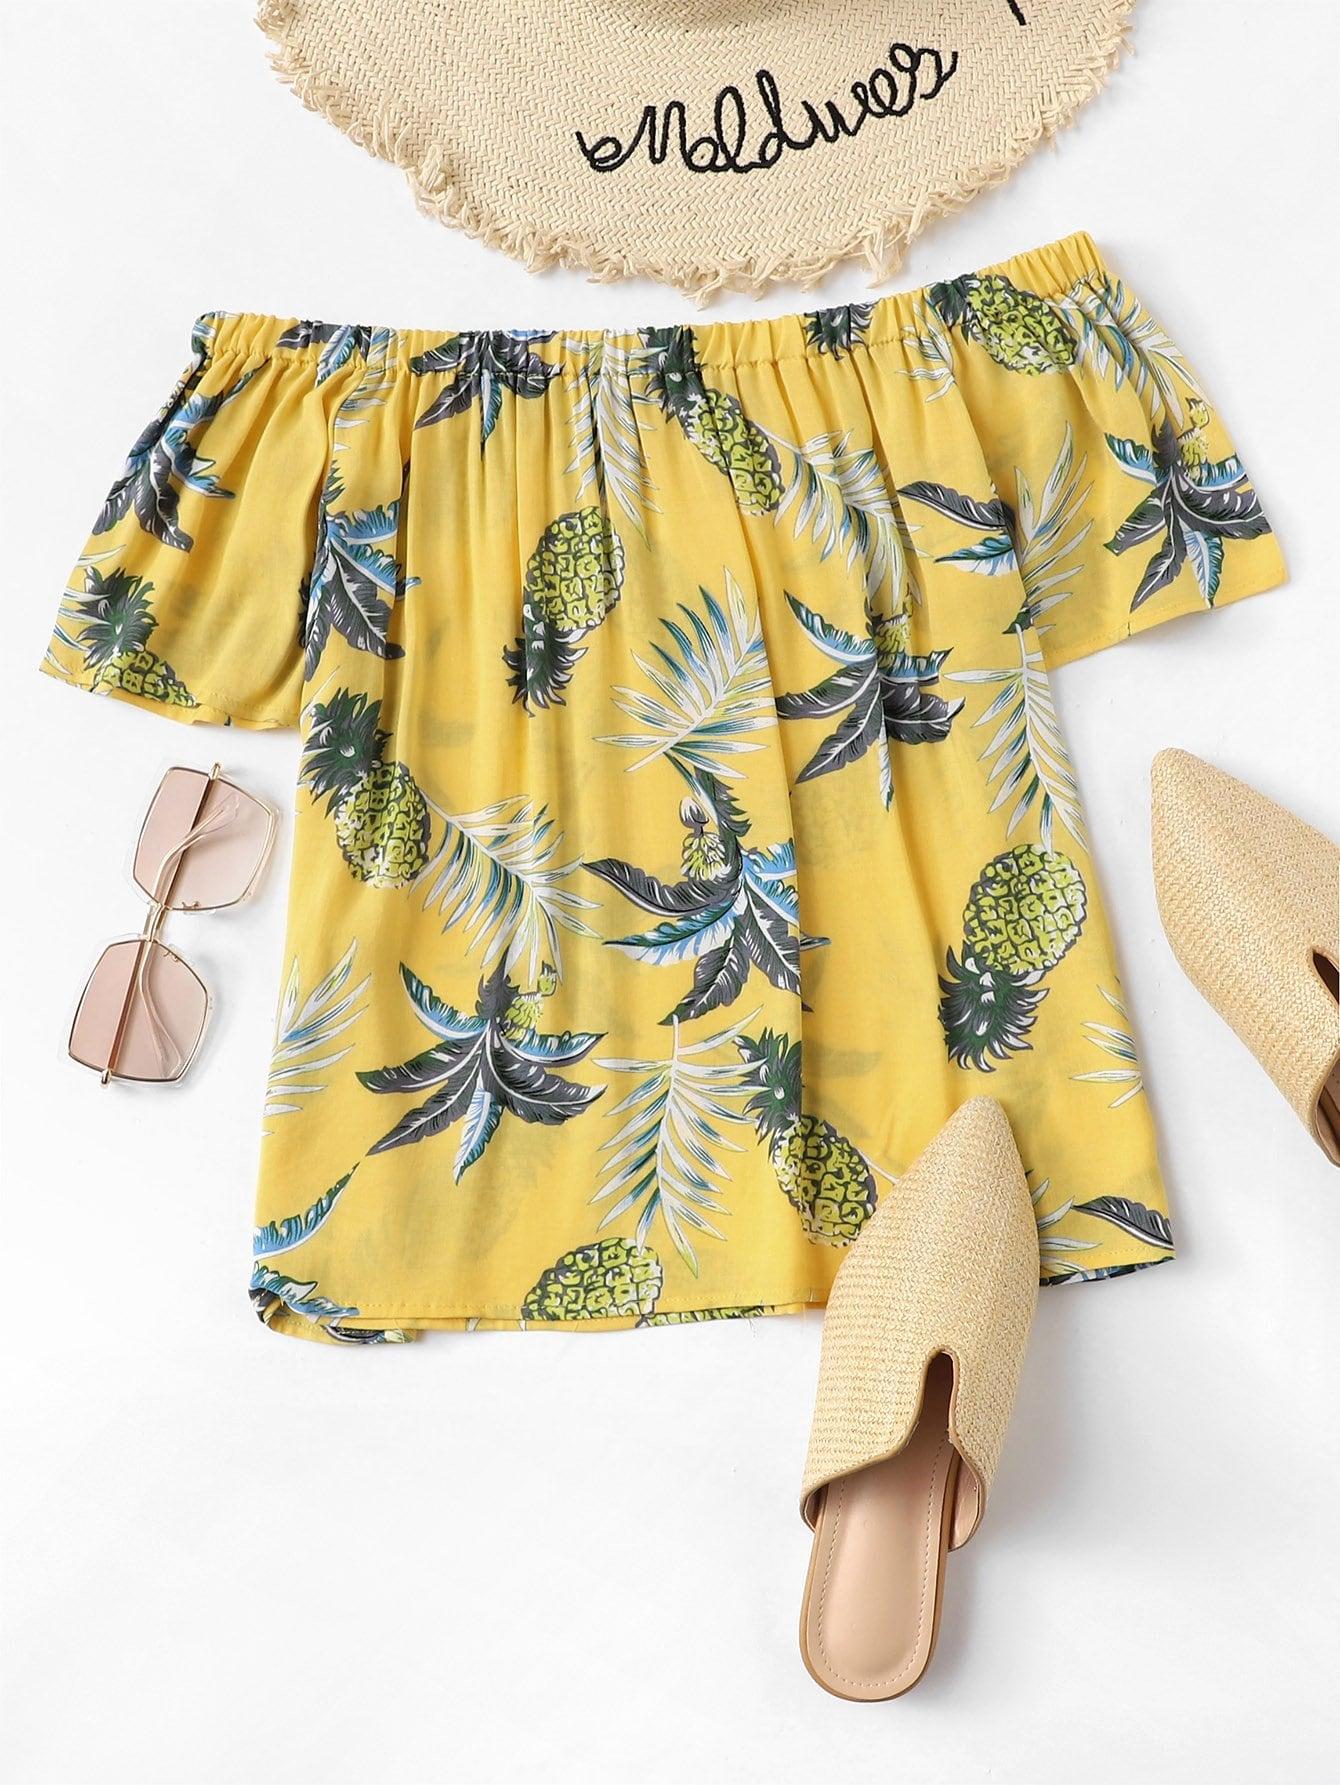 Купить Повседневный Тропический Черный Блузы+рубашки, null, SheIn